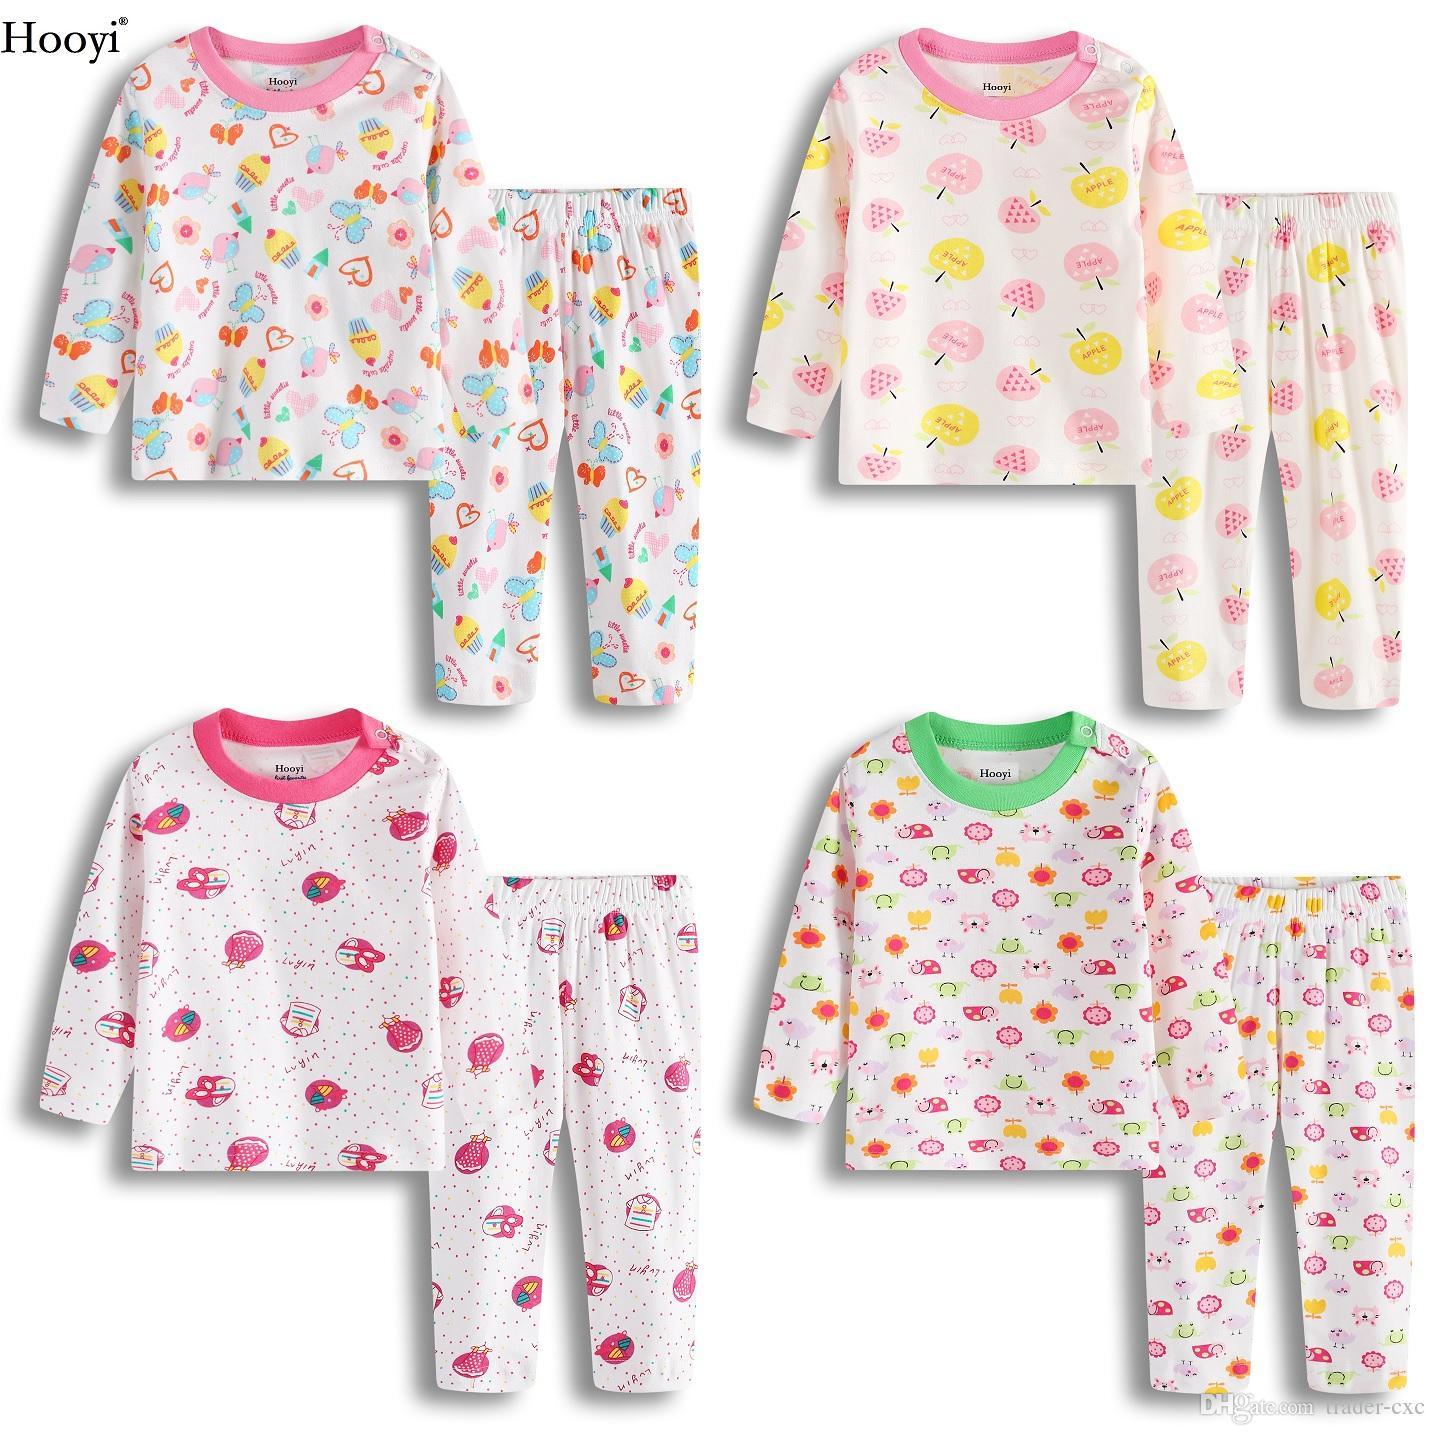 22b3a15de368f Acheter Mode Bébé Filles Pyjama Vêtements Costume Coton Doux Top Qualité  Enfants Vêtements De Nuit Coloré Bebe Roupas Nouveau Né Sommeil Ensemble  Pijama ...